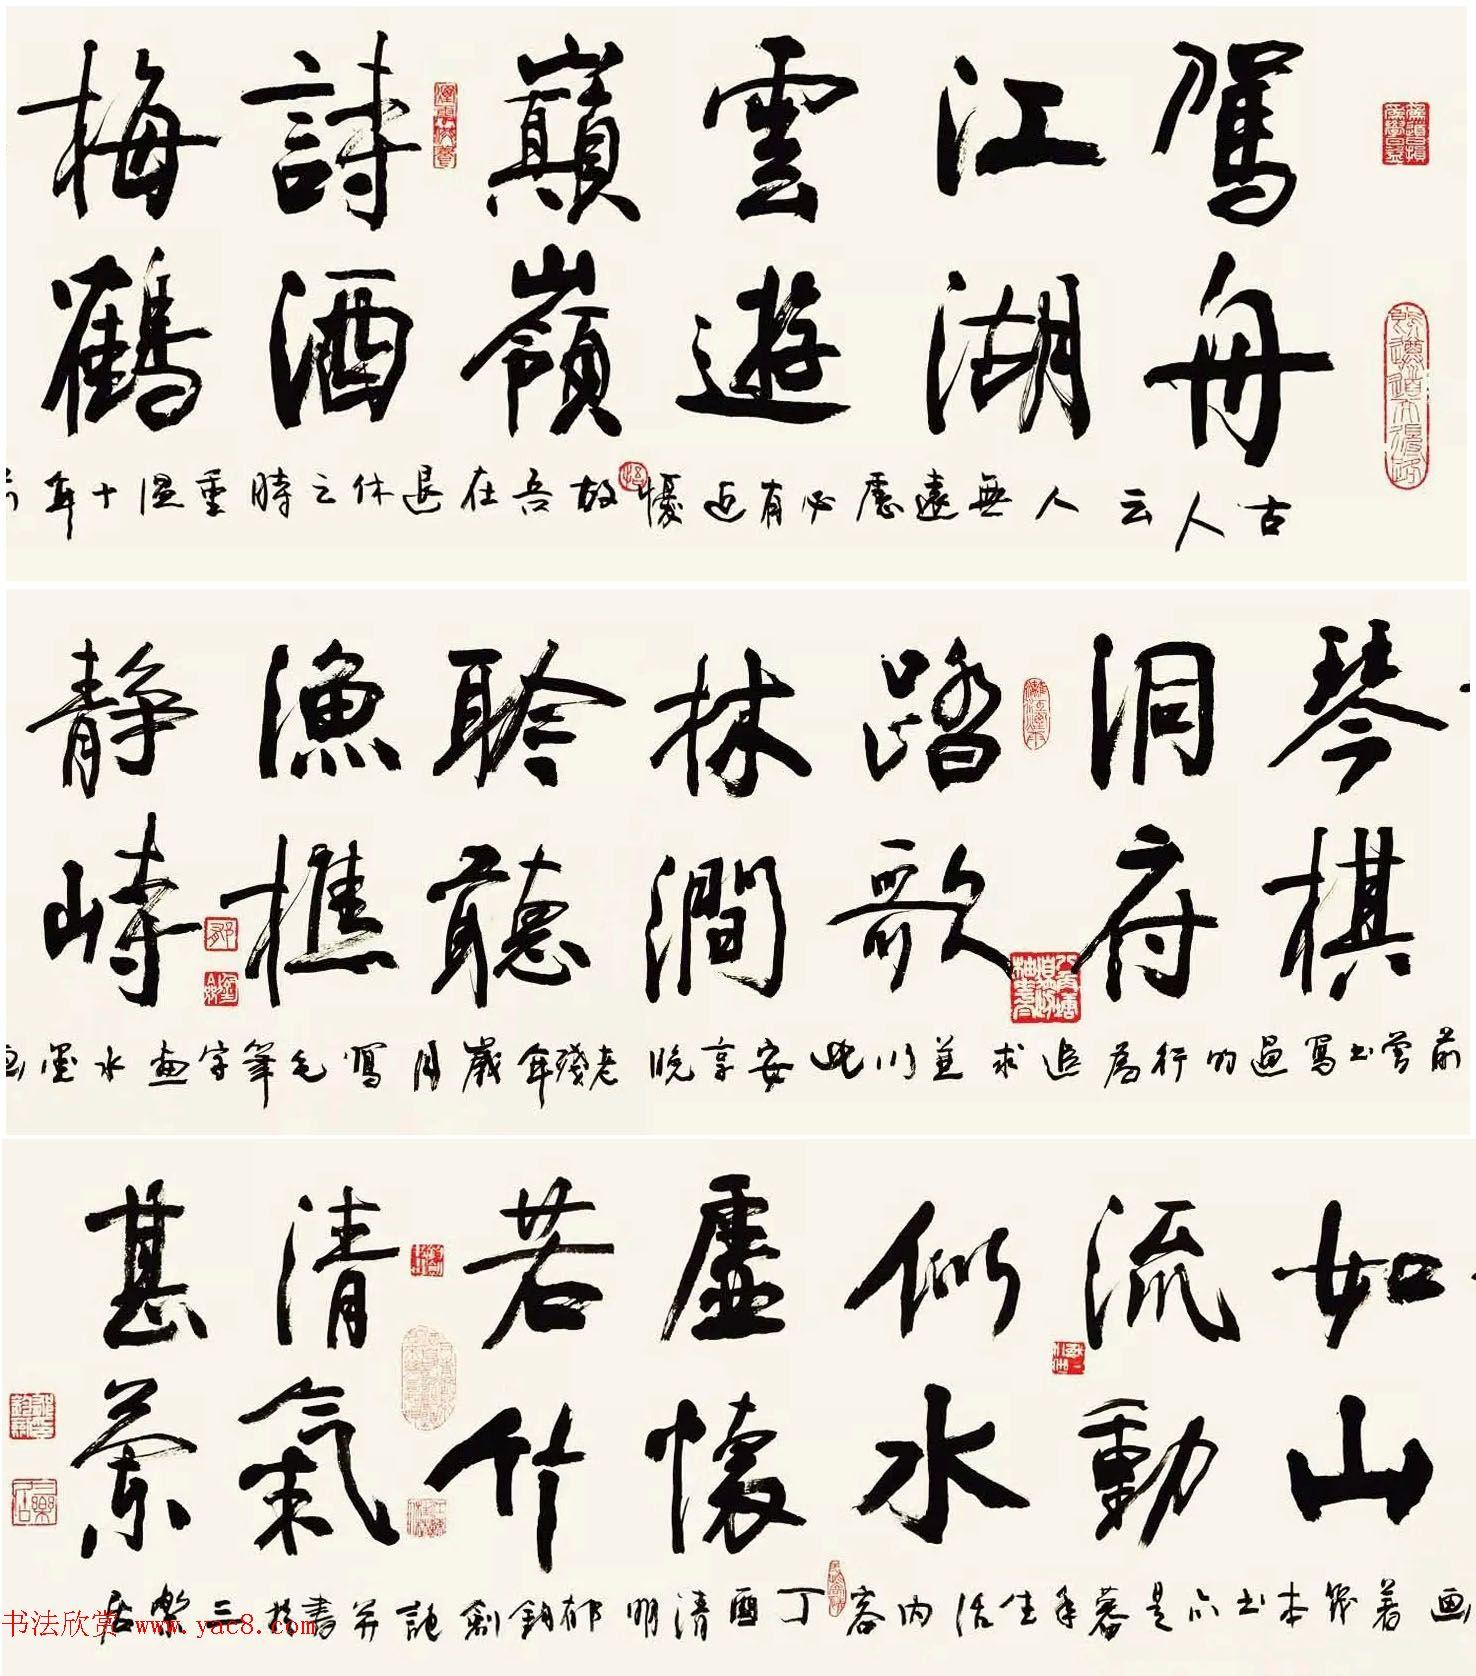 郁钧剑书法_歌唱家郁钧剑书法作品(6)